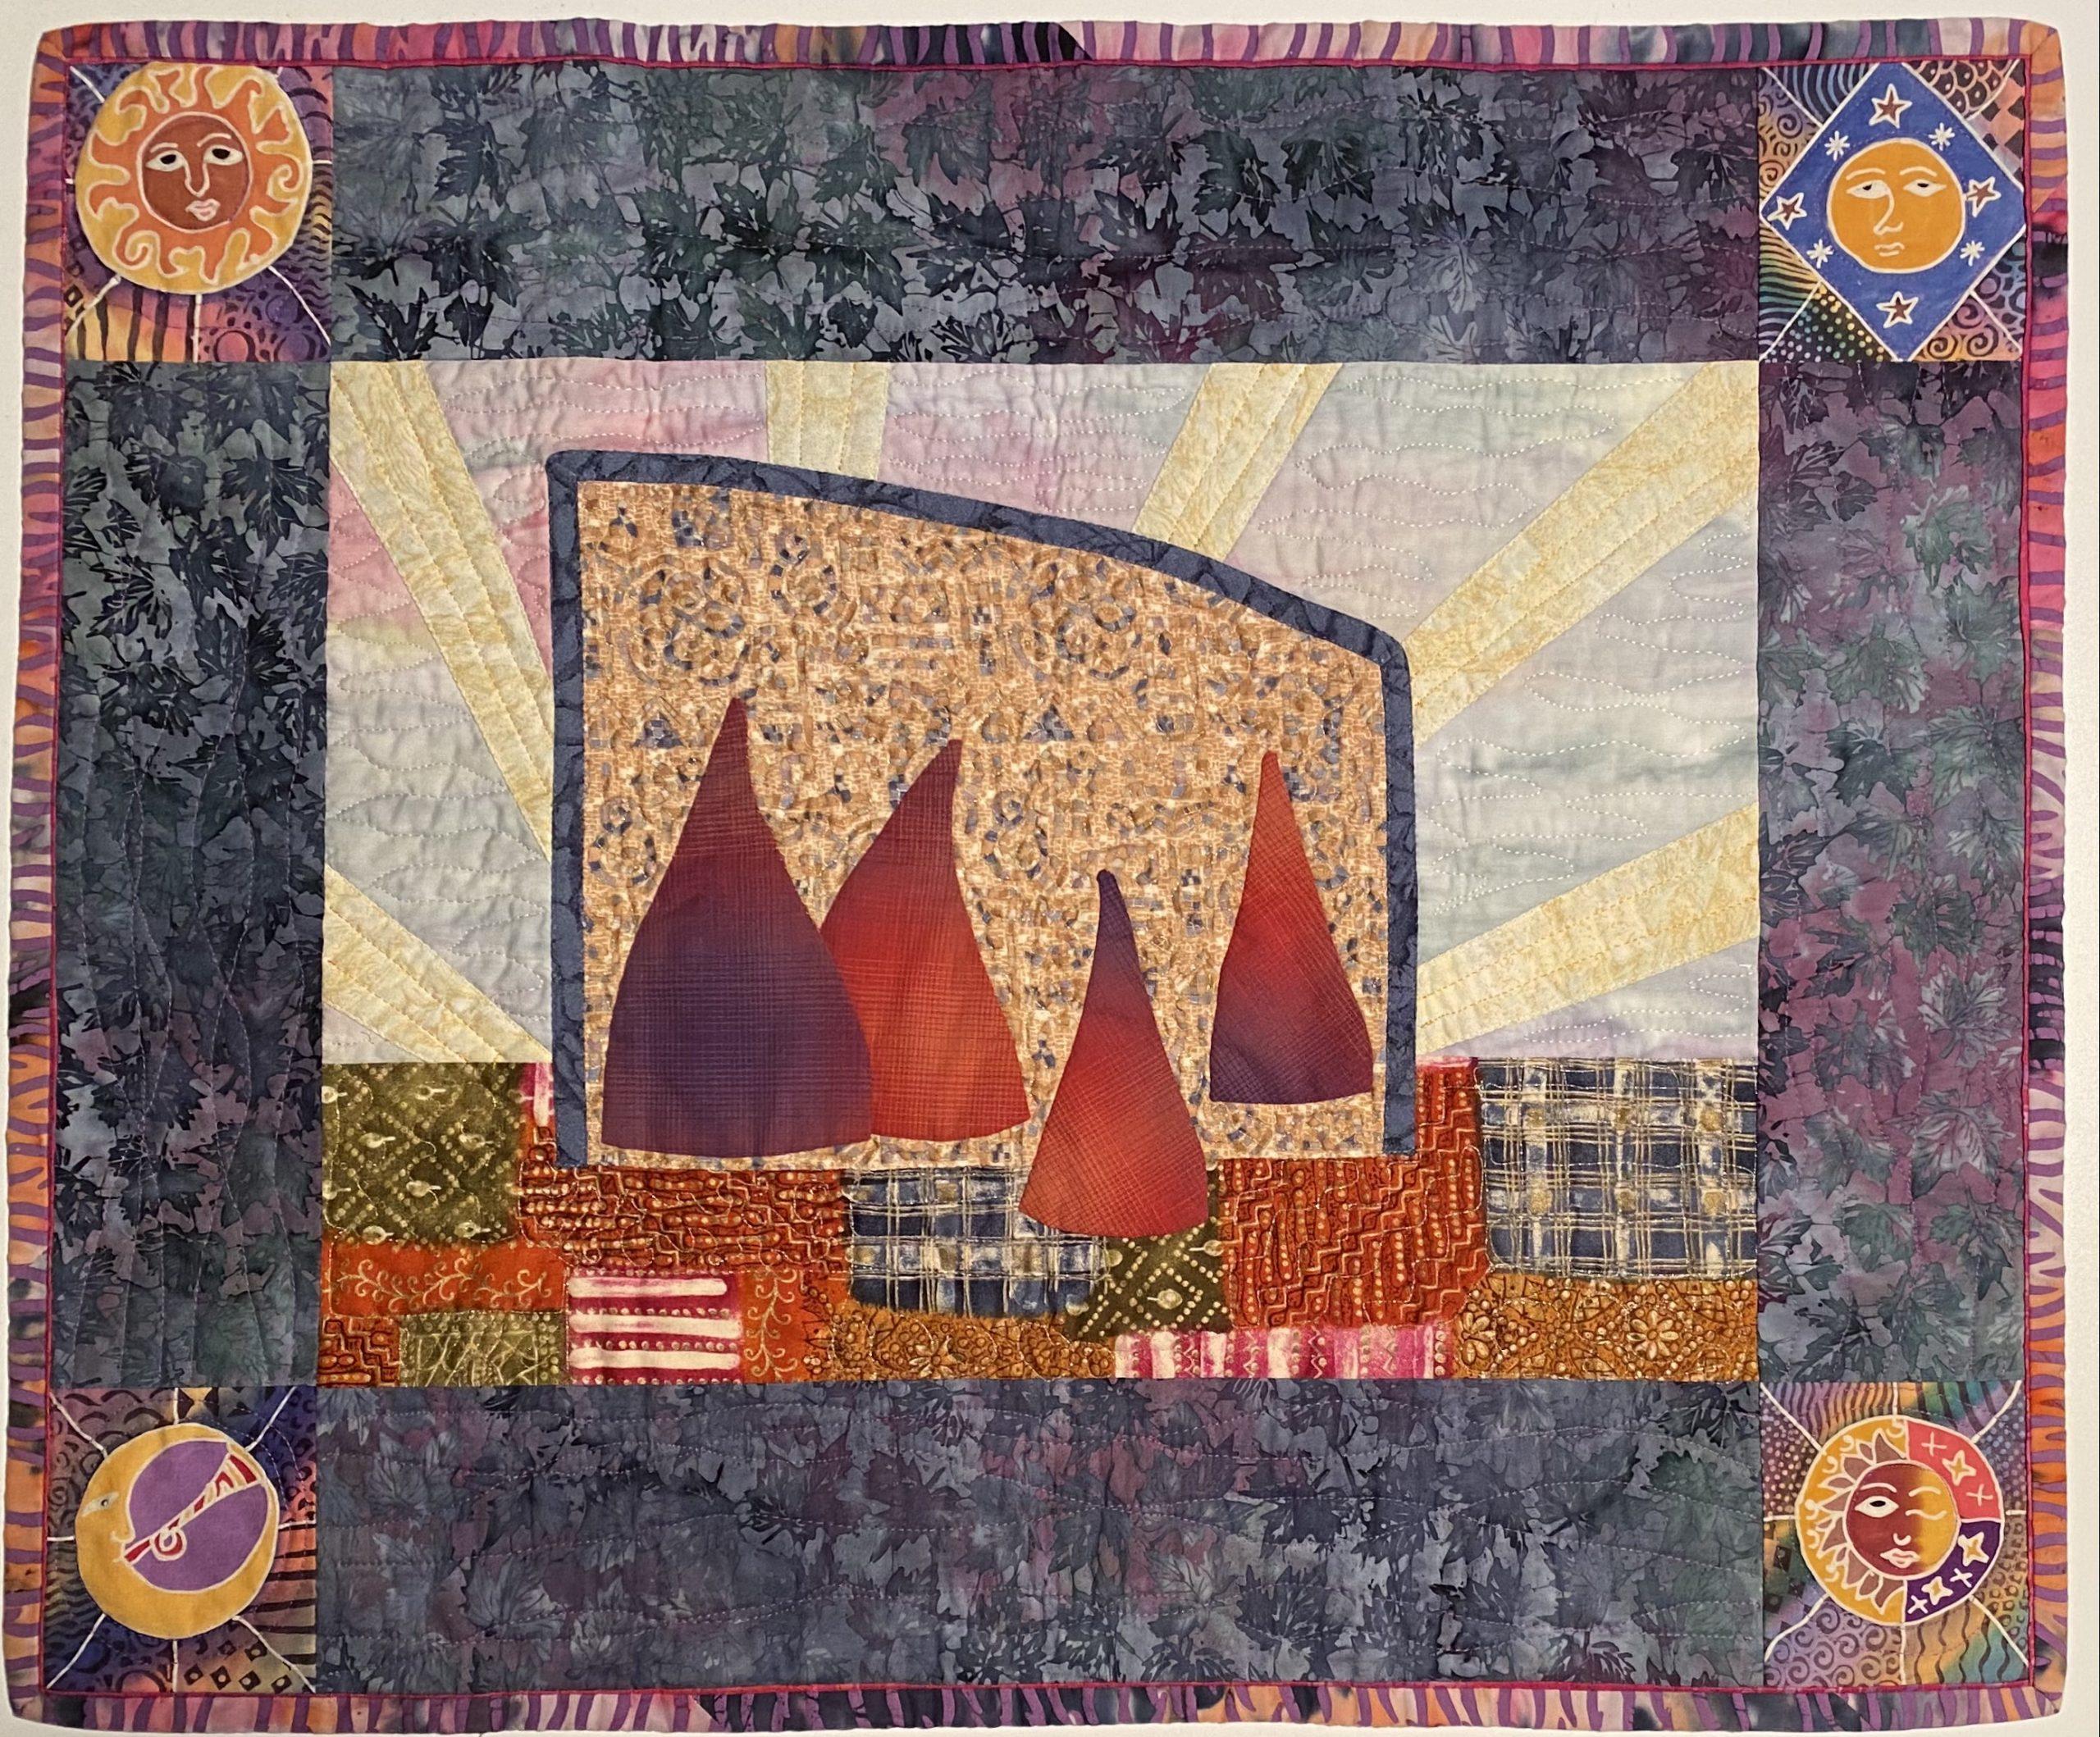 Quilt made by artist Lauren Kingsland